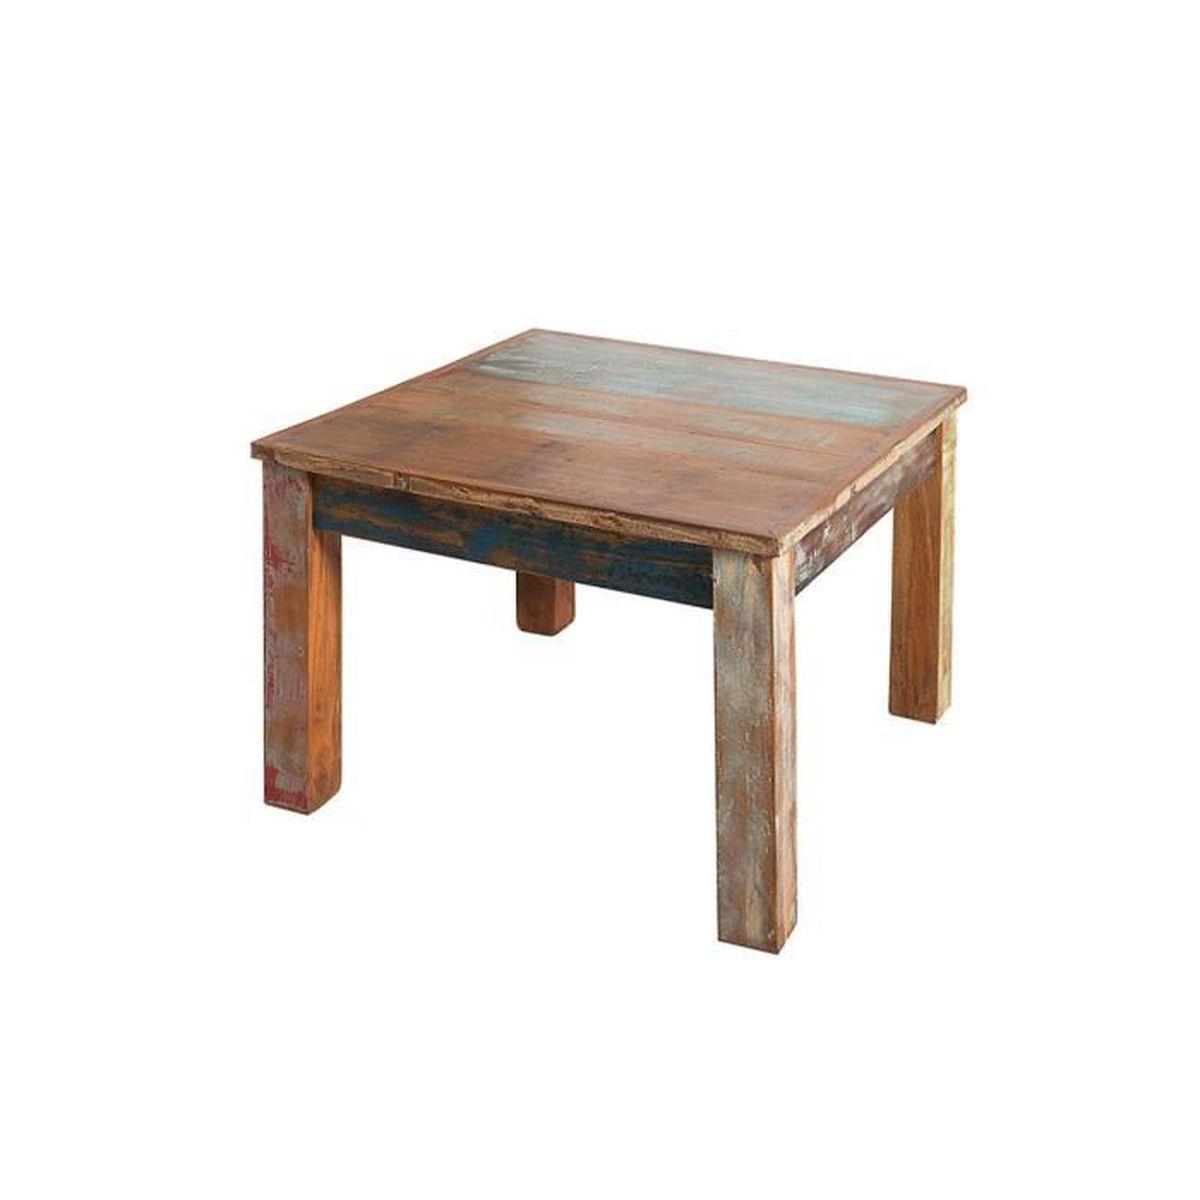 Table basse 7 cm en bois massif recyclé coloris multi-couleur